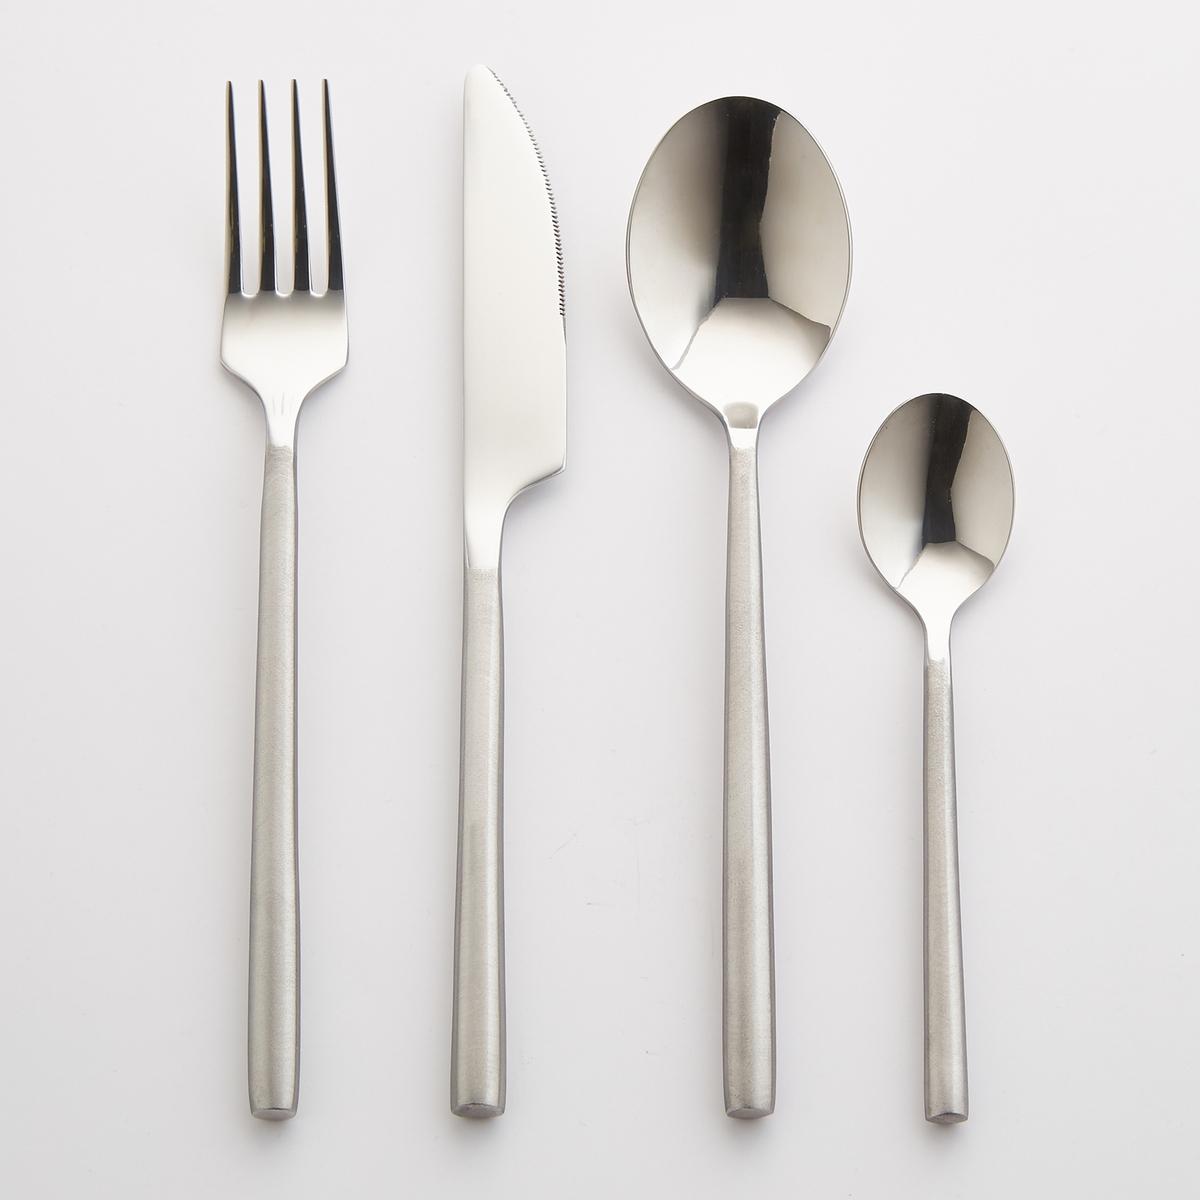 Комплект из 4 вилок из нержавеющей стали Concetti4 вилки Concetti. Из нержавеющей стали, ручка с матовой отделкой. Толщина 3,5 мм. Можно мыть в посудомоечной машине.<br><br>Цвет: стальной